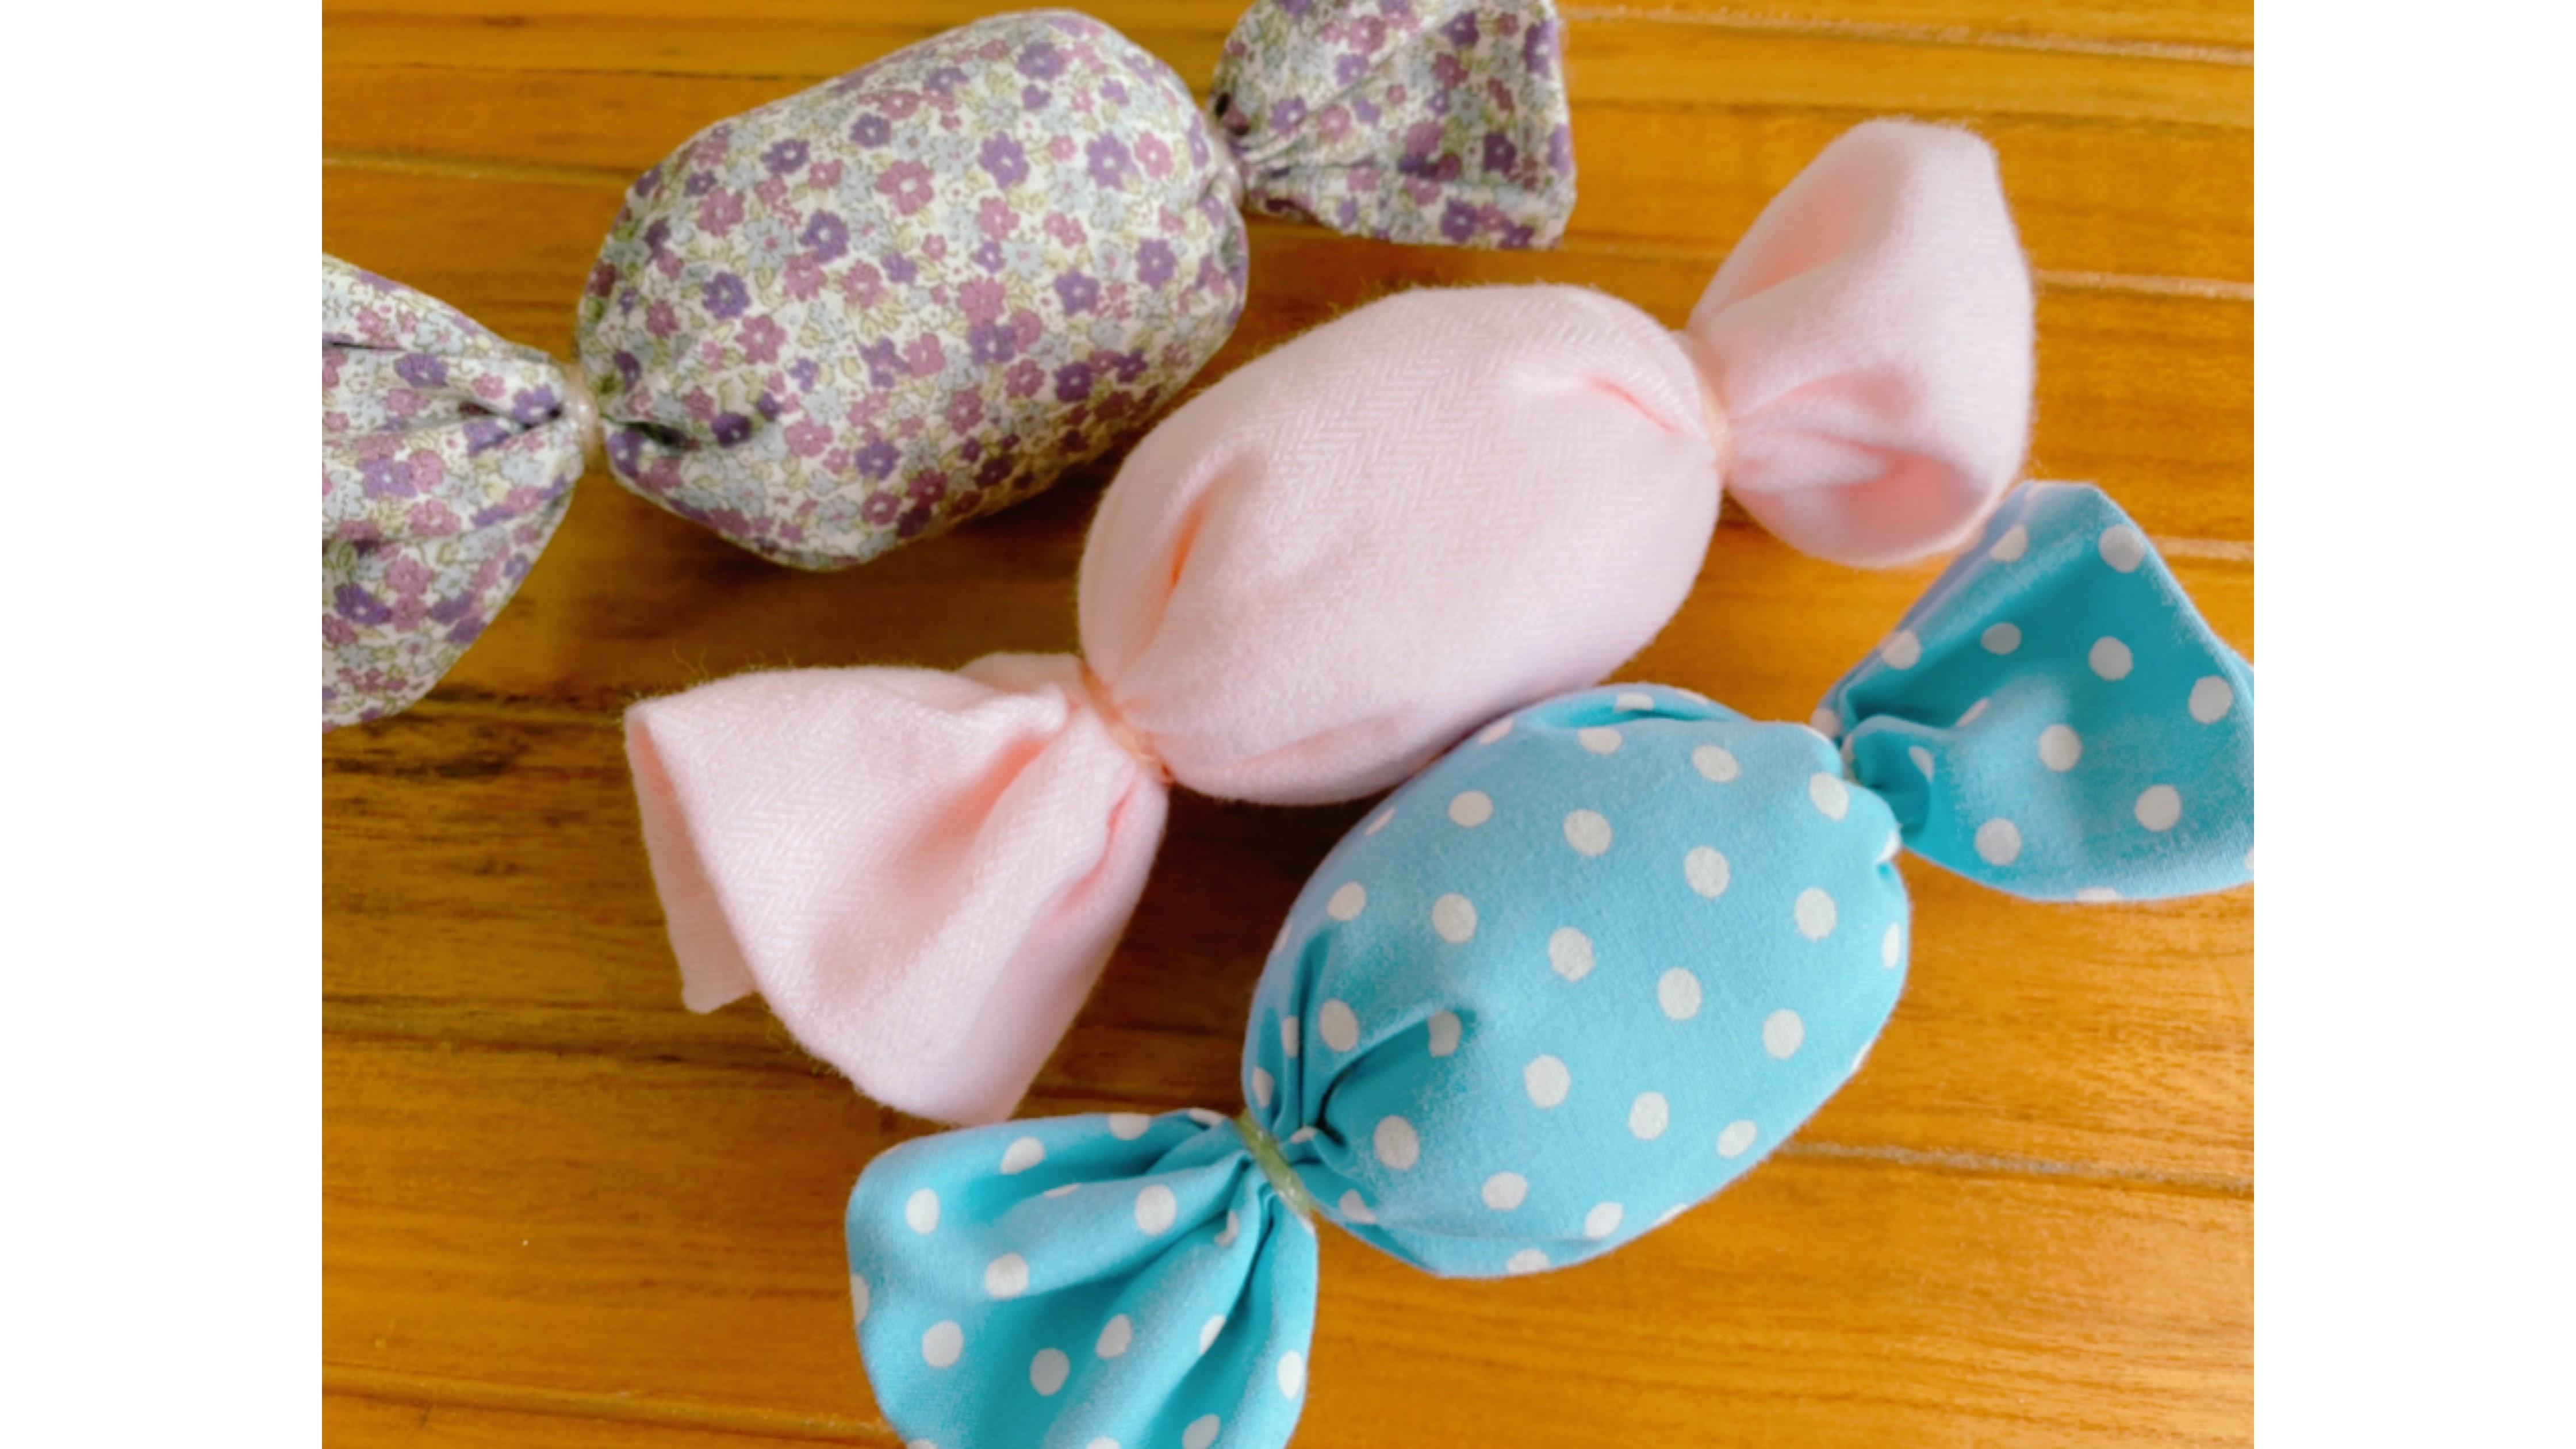 ハンカチやタオルでできる コロンとかわいいキャンディ -縫わずに簡単!ママの手づくり布おもちゃ#1